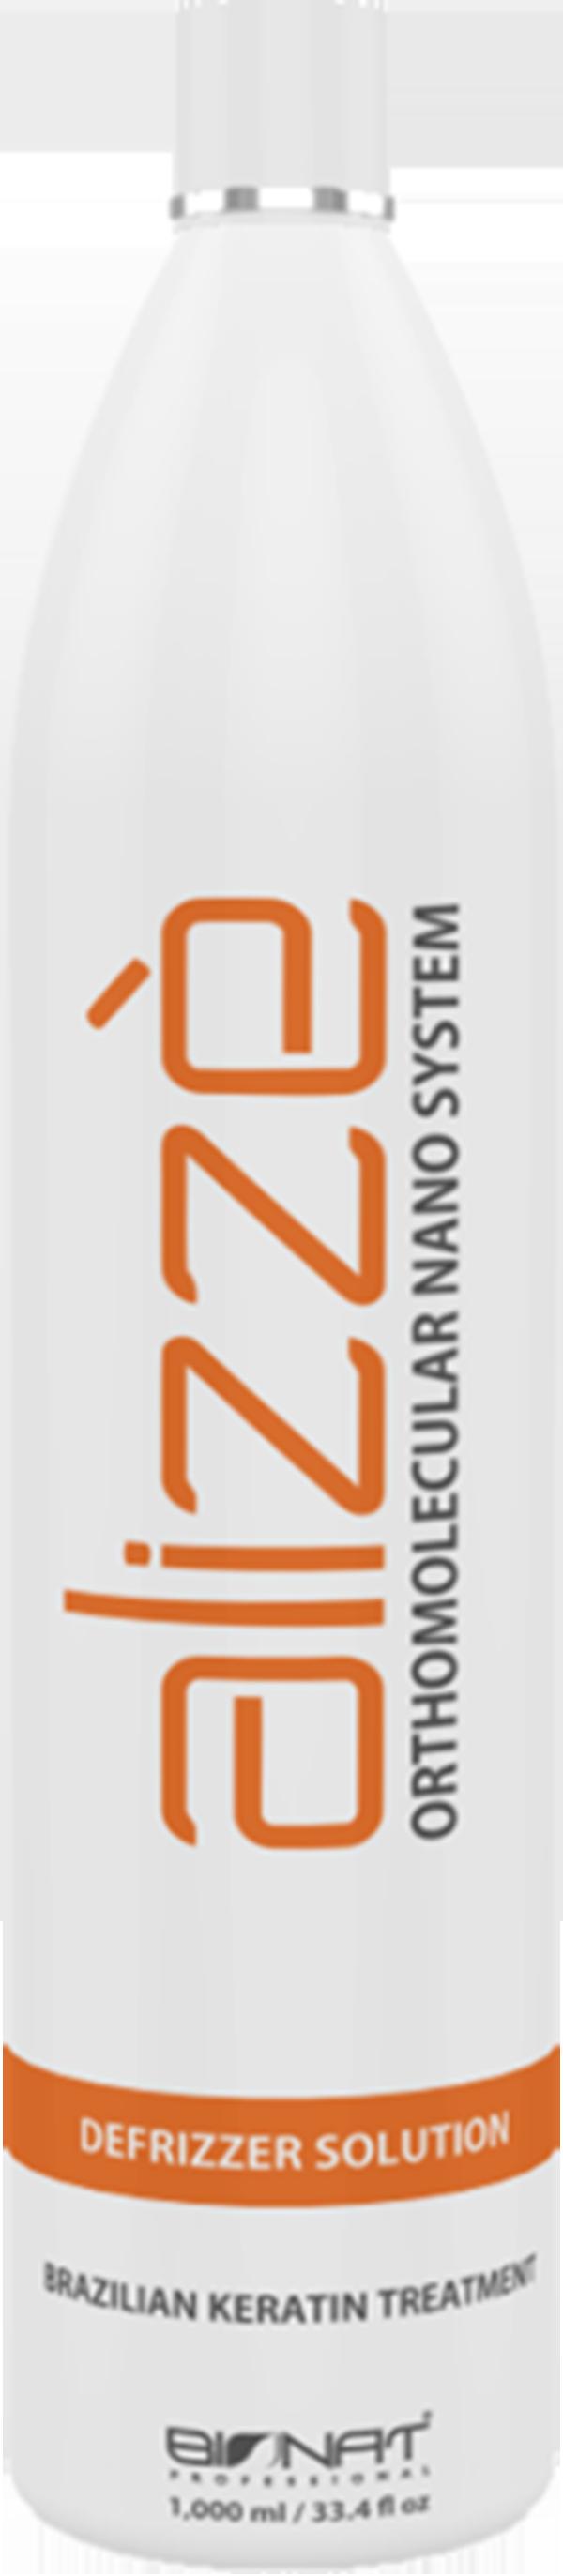 Alizzè Orthomolecular Nano System Defrizzer Solution